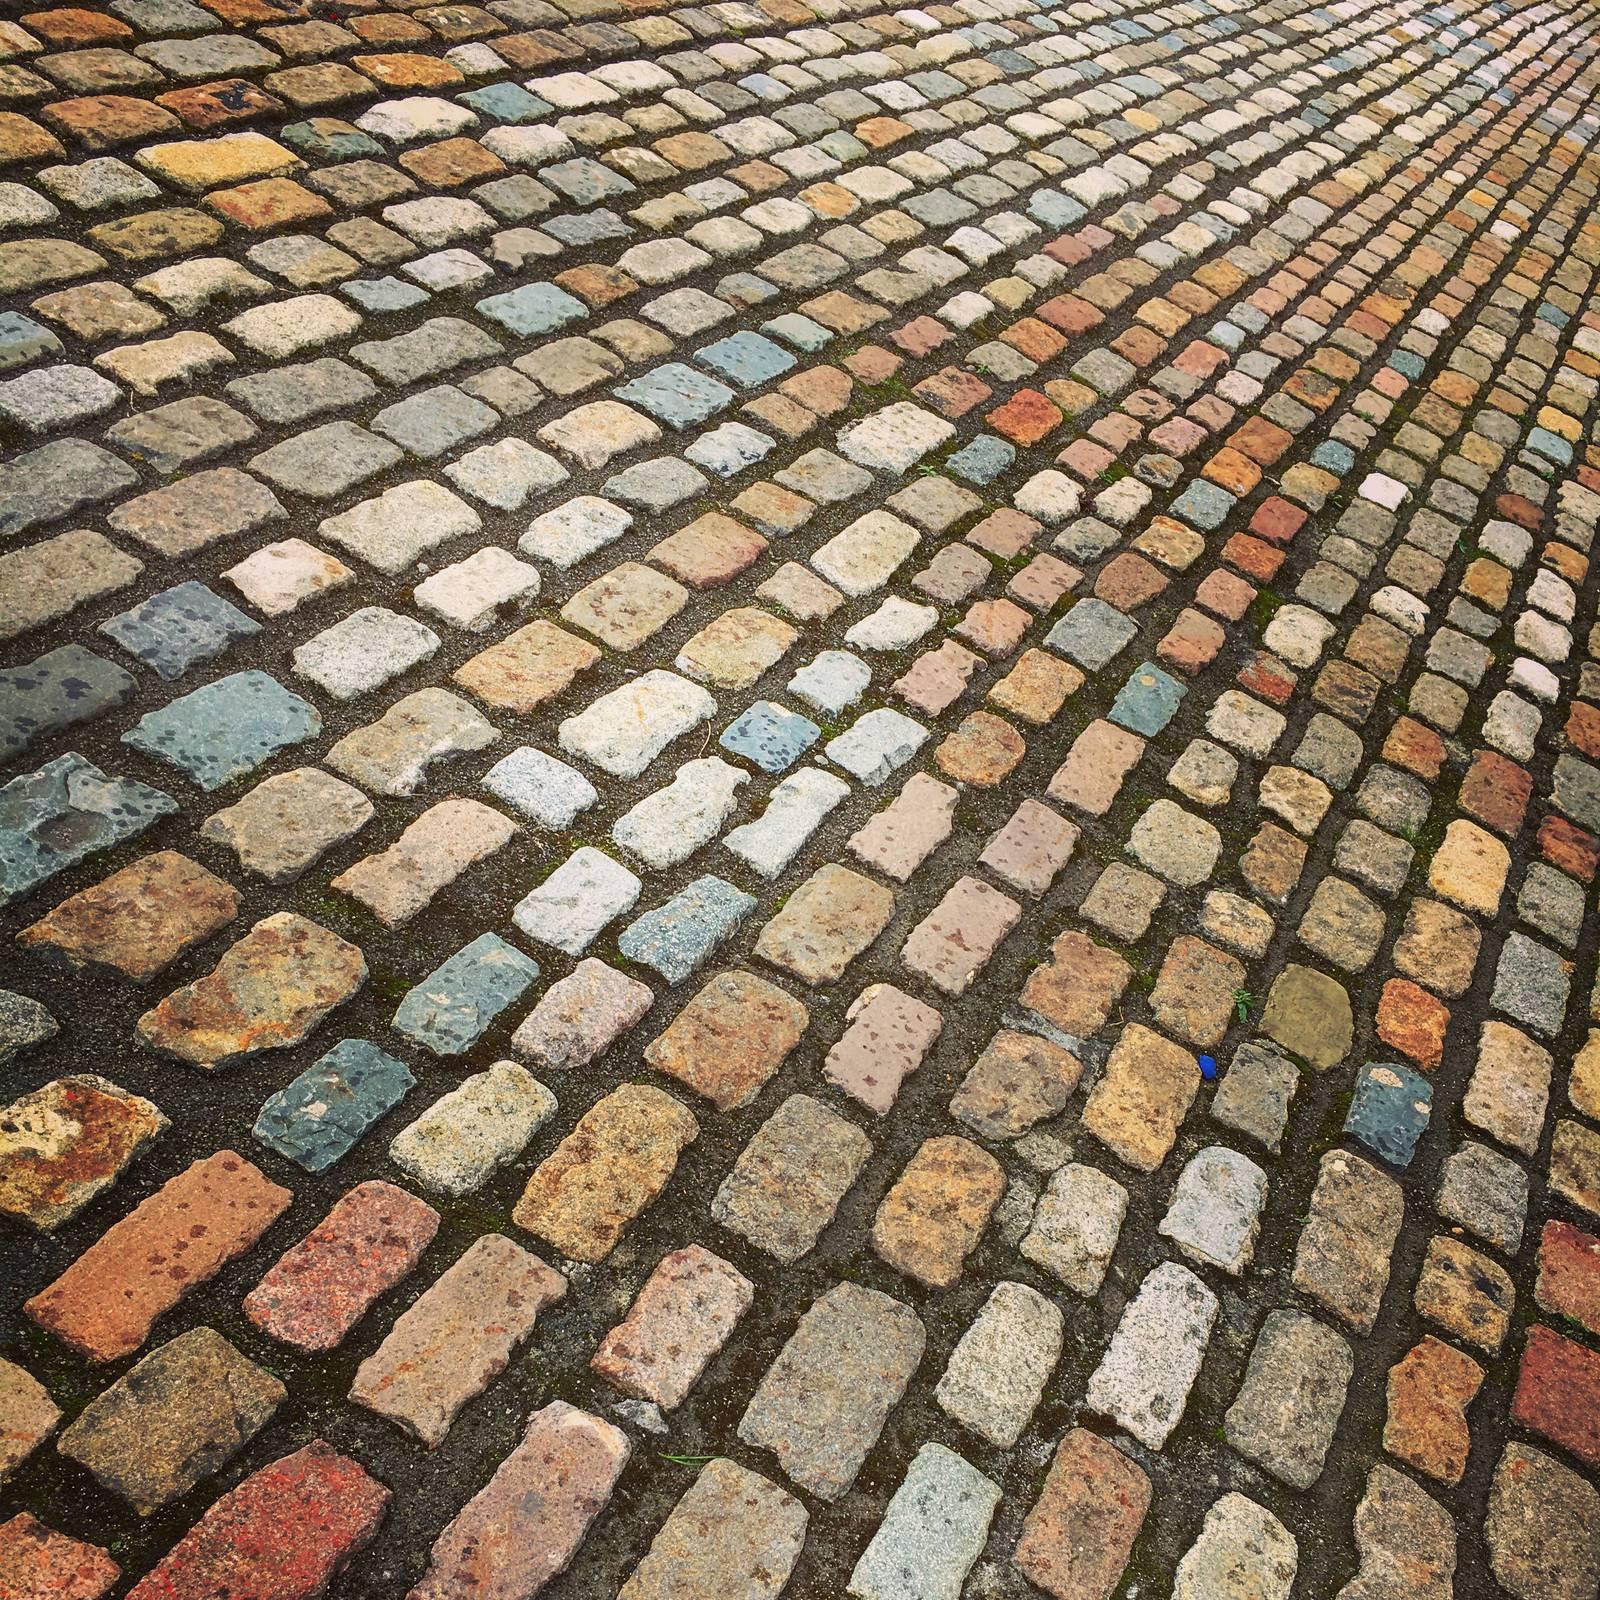 Cobblestones in the quadrangle at IMMA